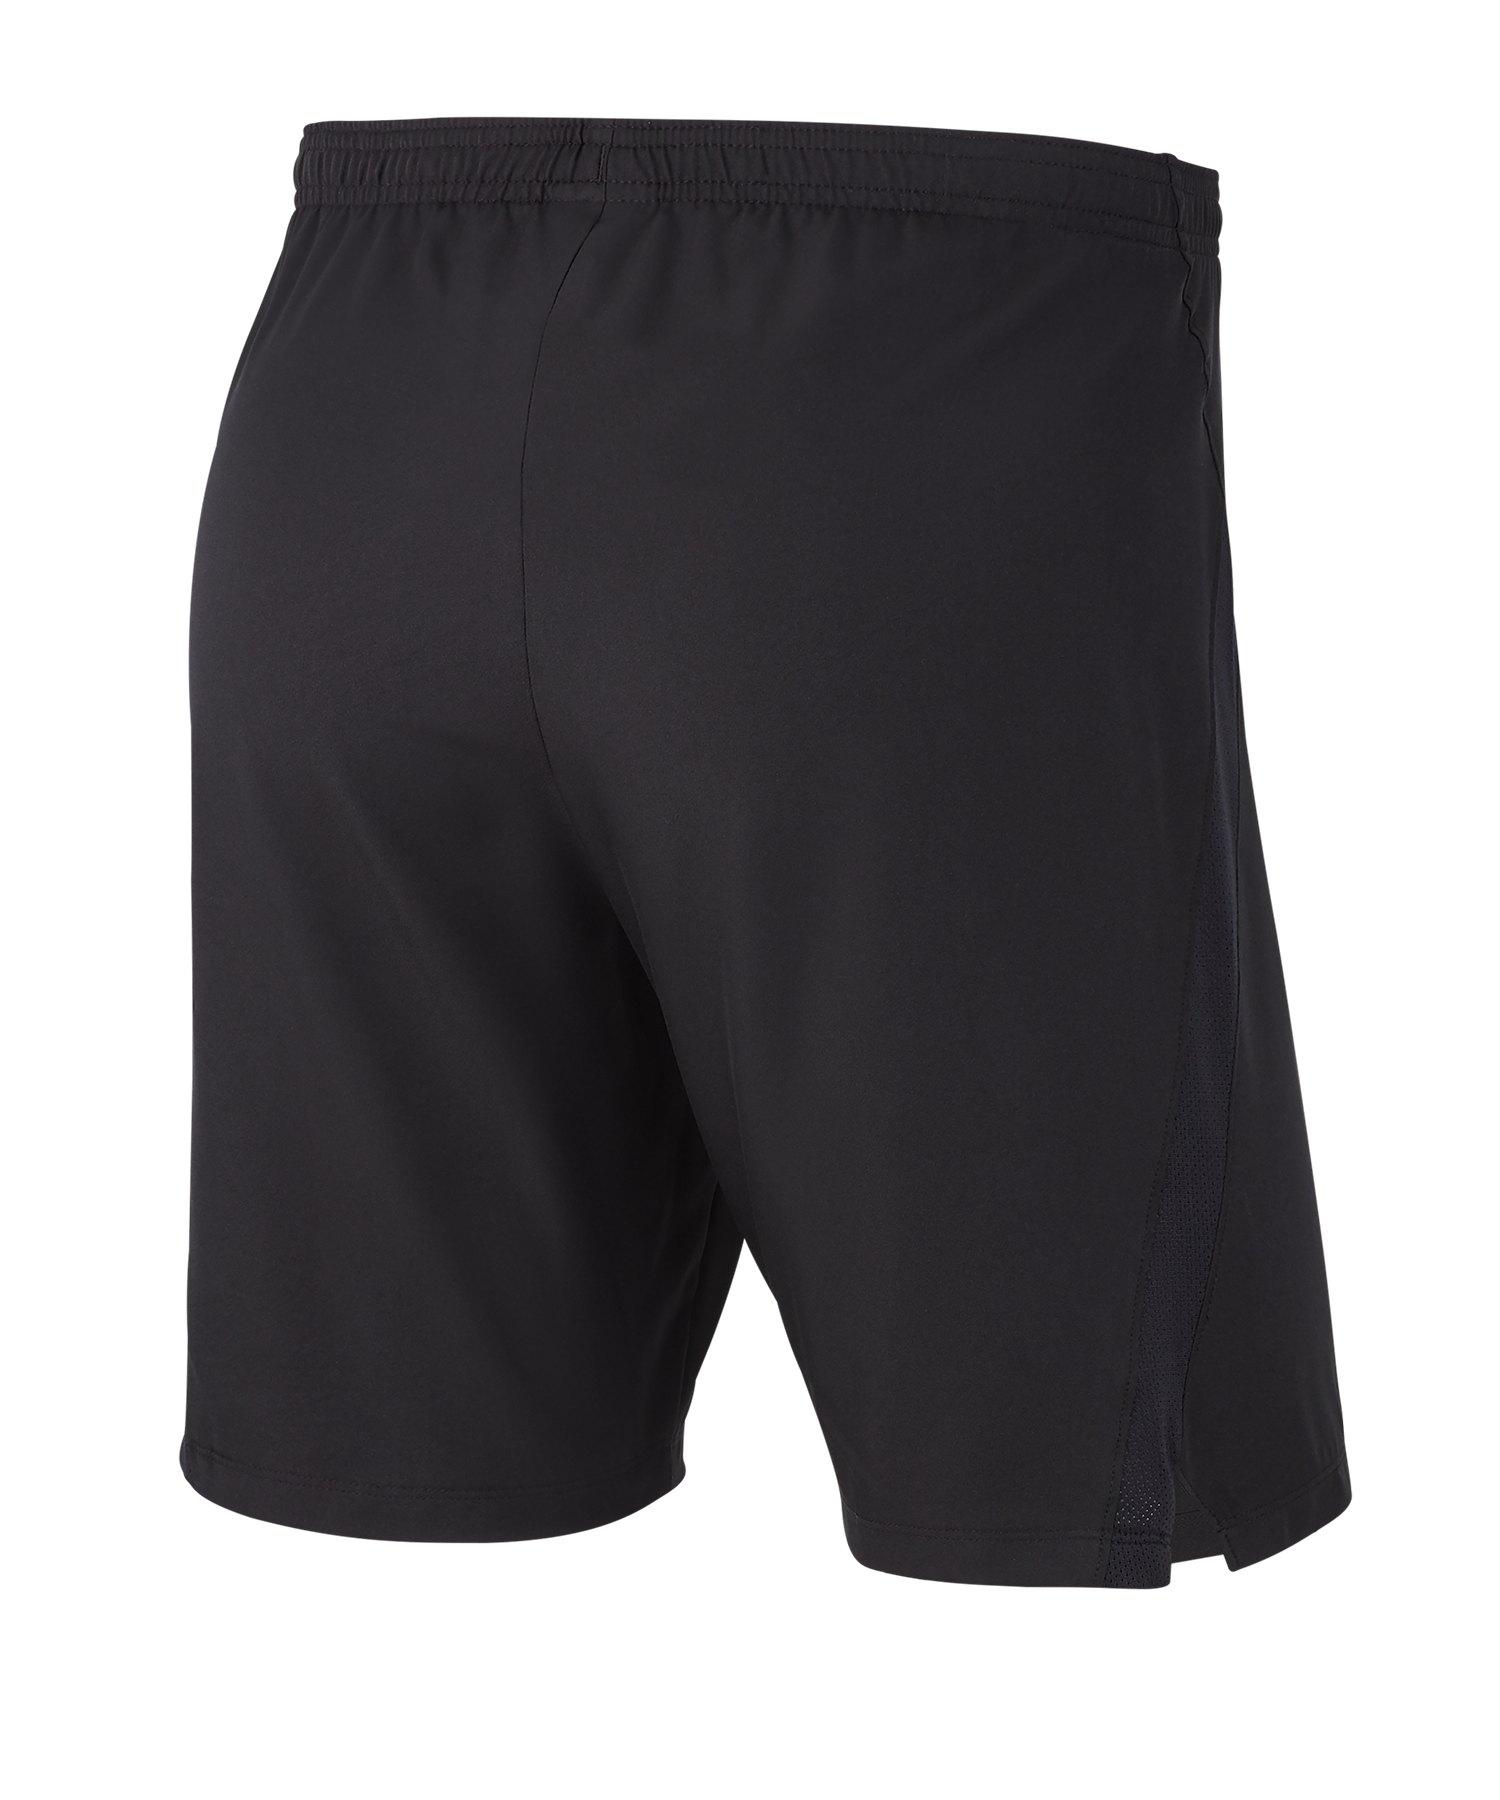 nike laser iv dri fit short schwarz f010 shorts. Black Bedroom Furniture Sets. Home Design Ideas